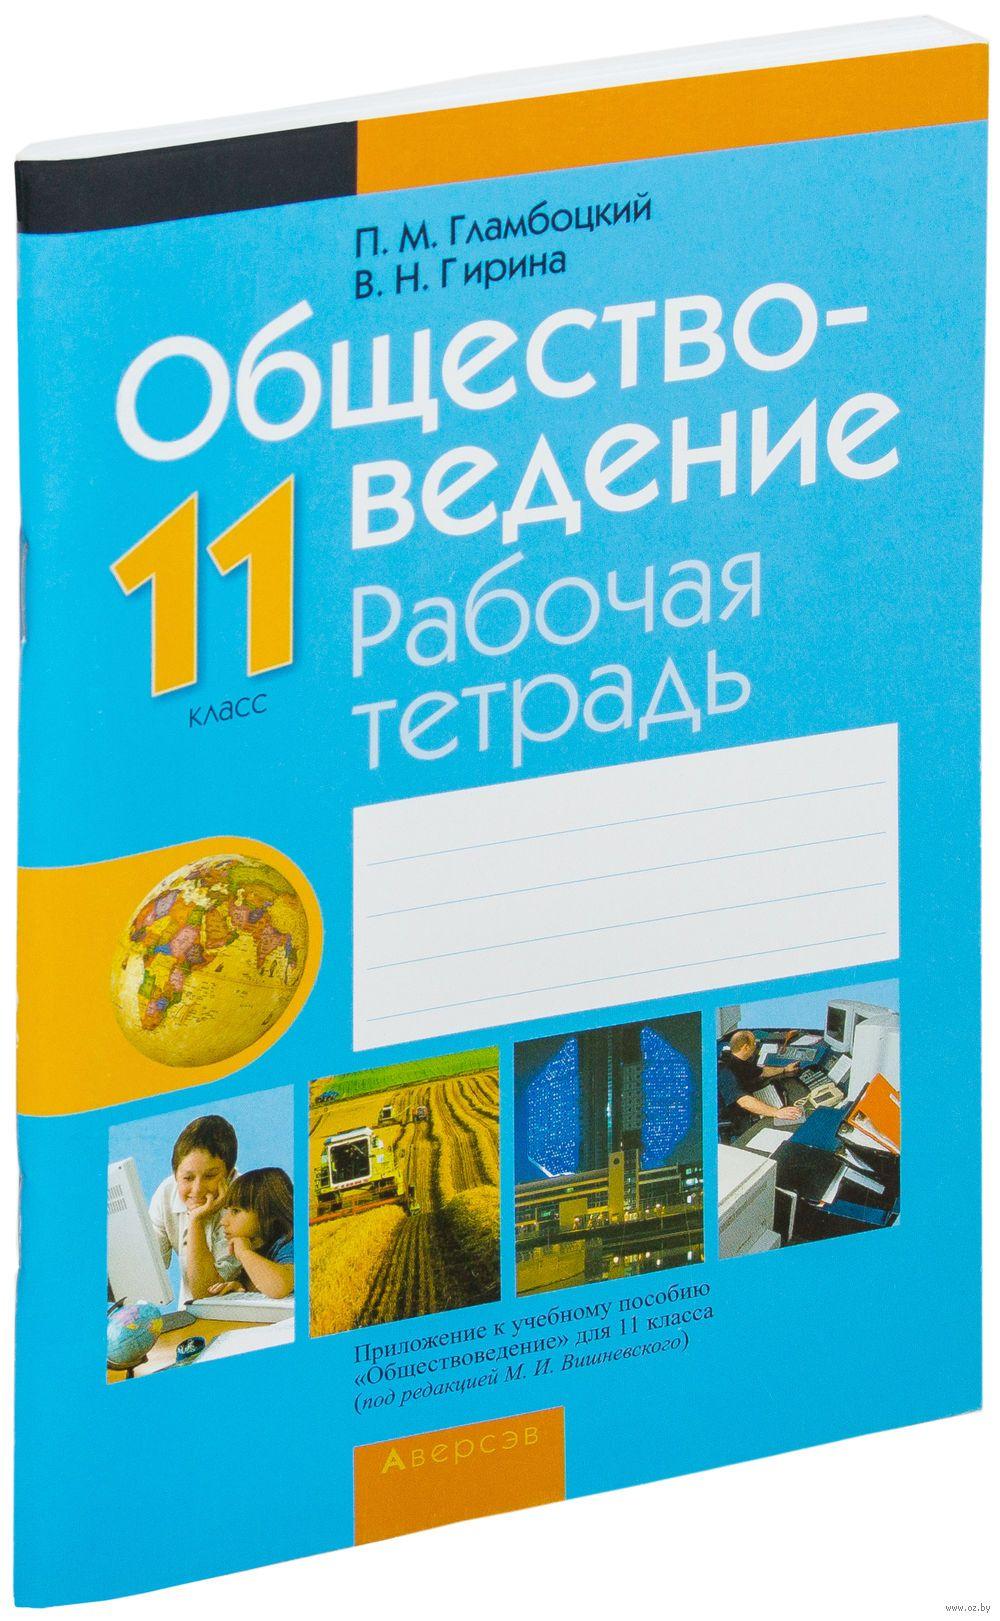 Русский язык 7 класс итоговая аттестация типовые тестовые задания д а хаустова распечатать